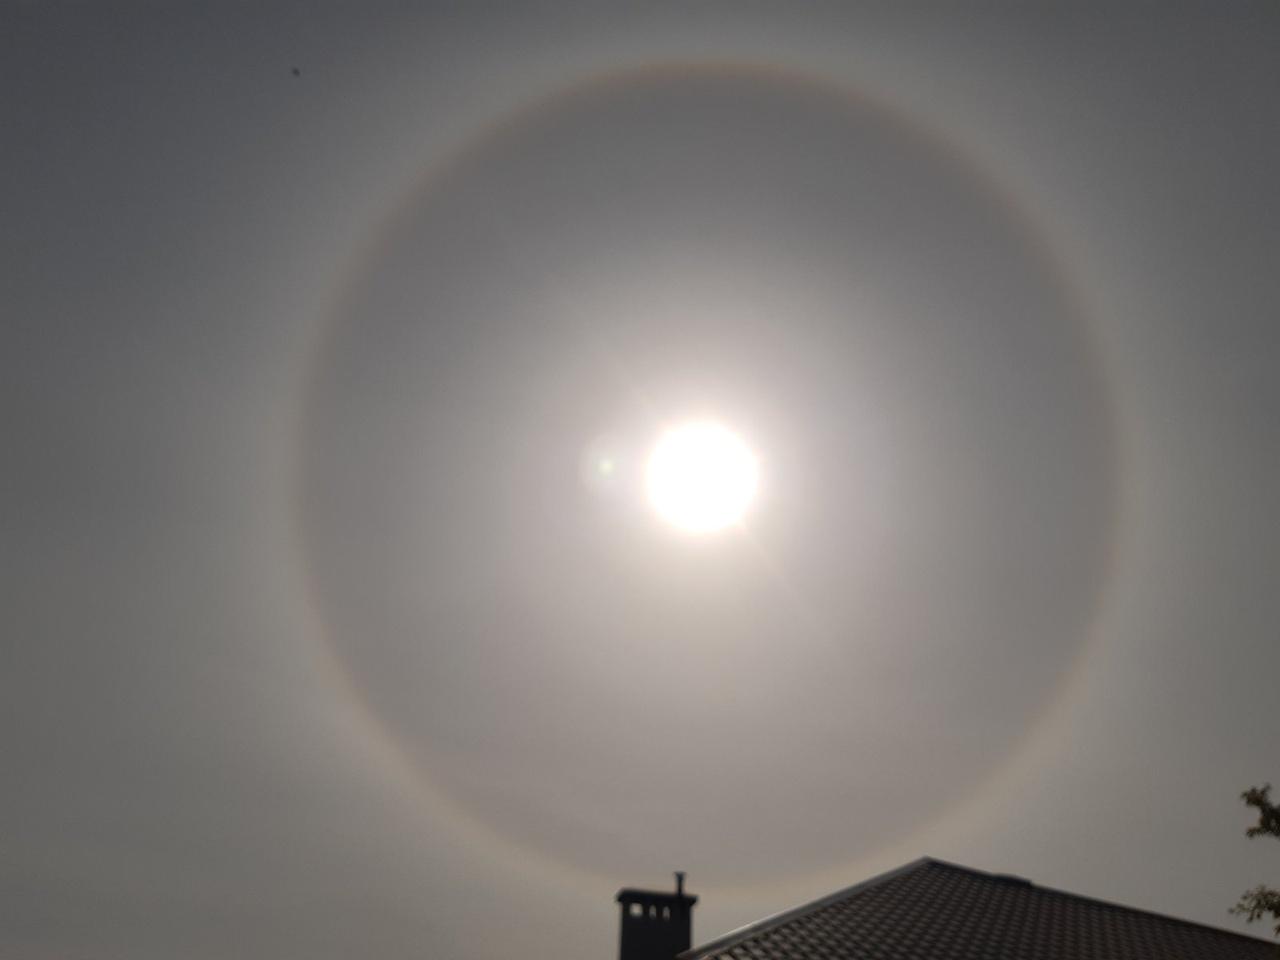 Мощное и яркое солнечное гало над Брестом было сегодня